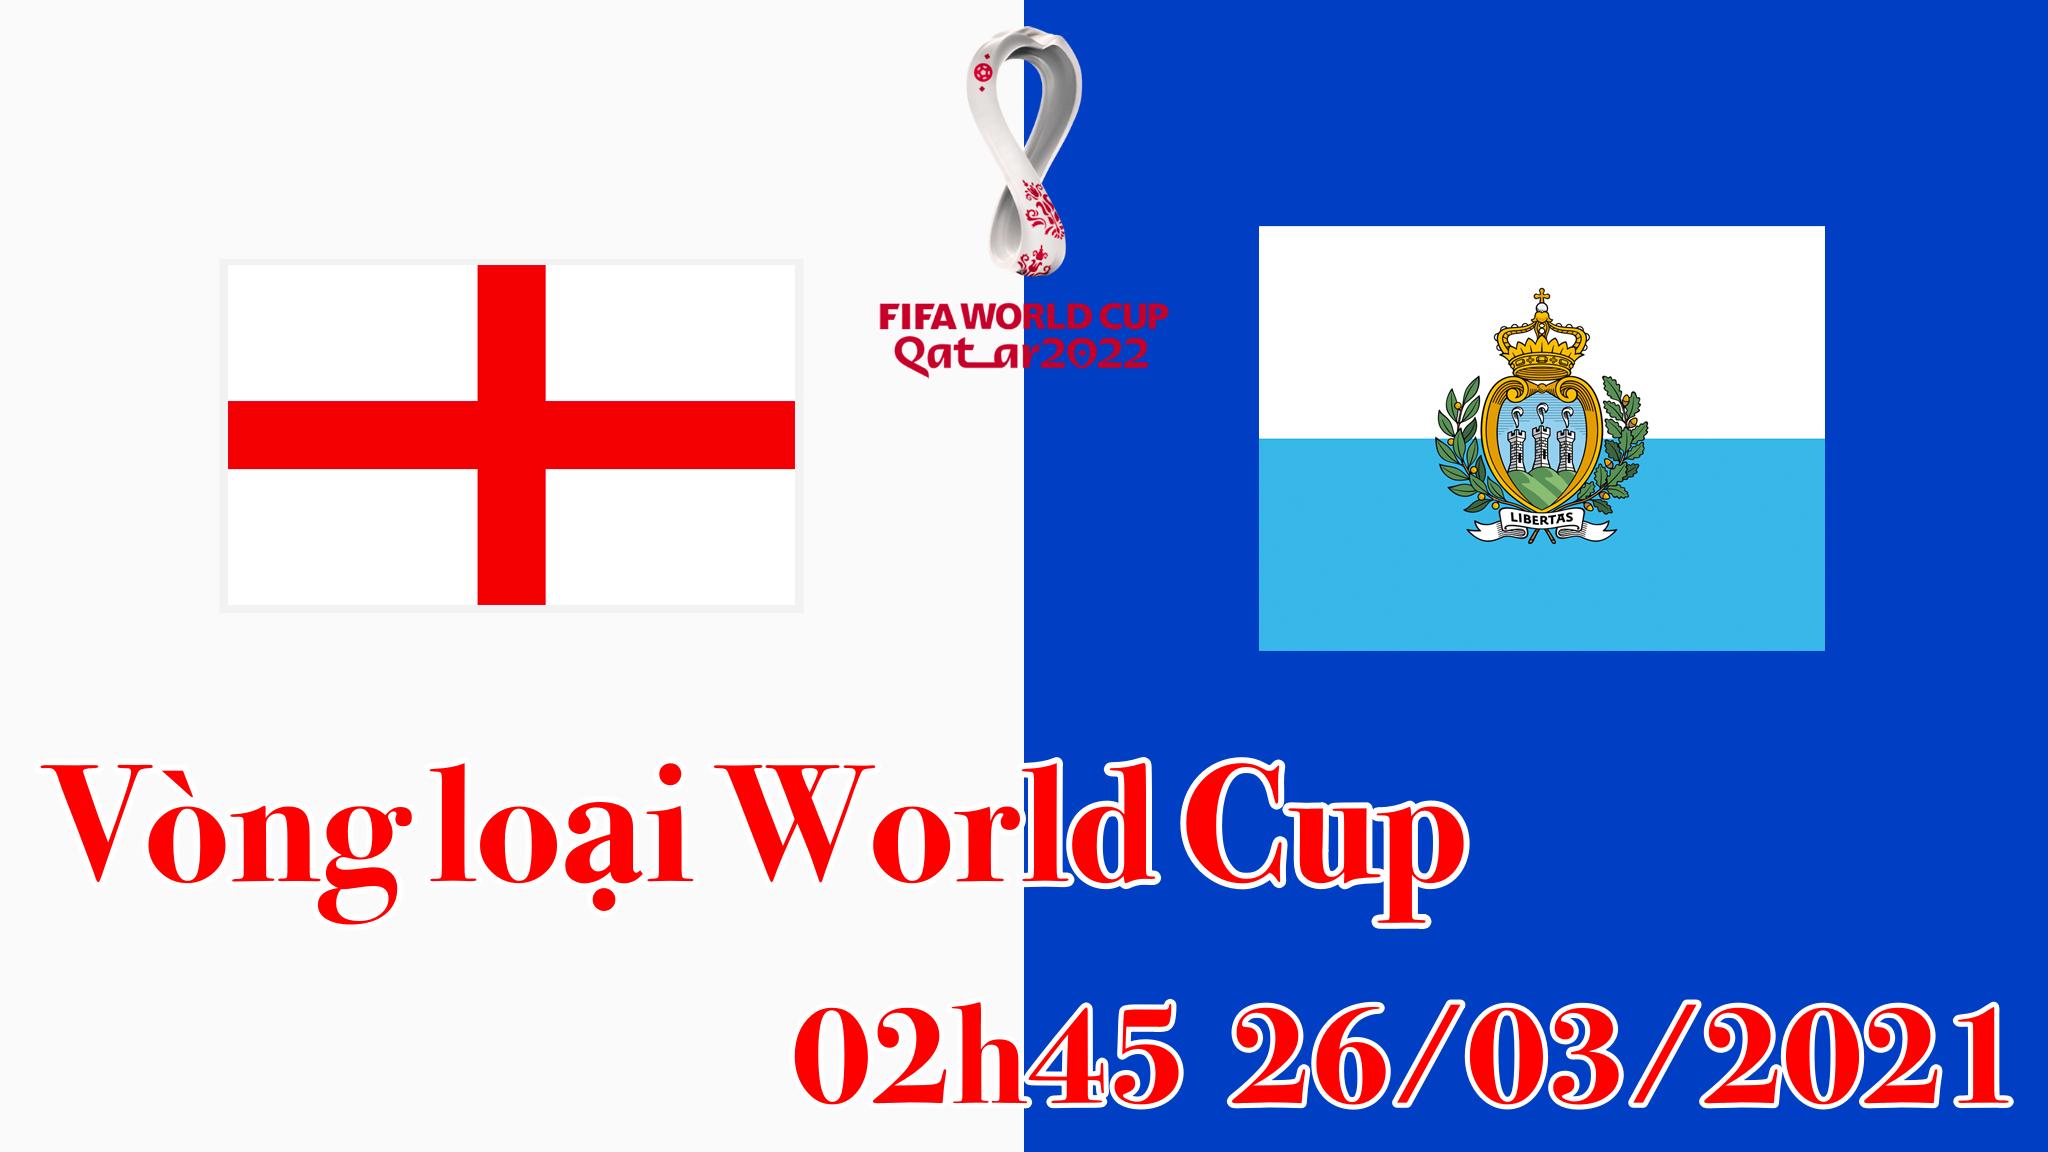 Nhận định cuộc đối đầu giữa ĐT Anh vs ĐT San Marino vào 02h45 ngày 26/3